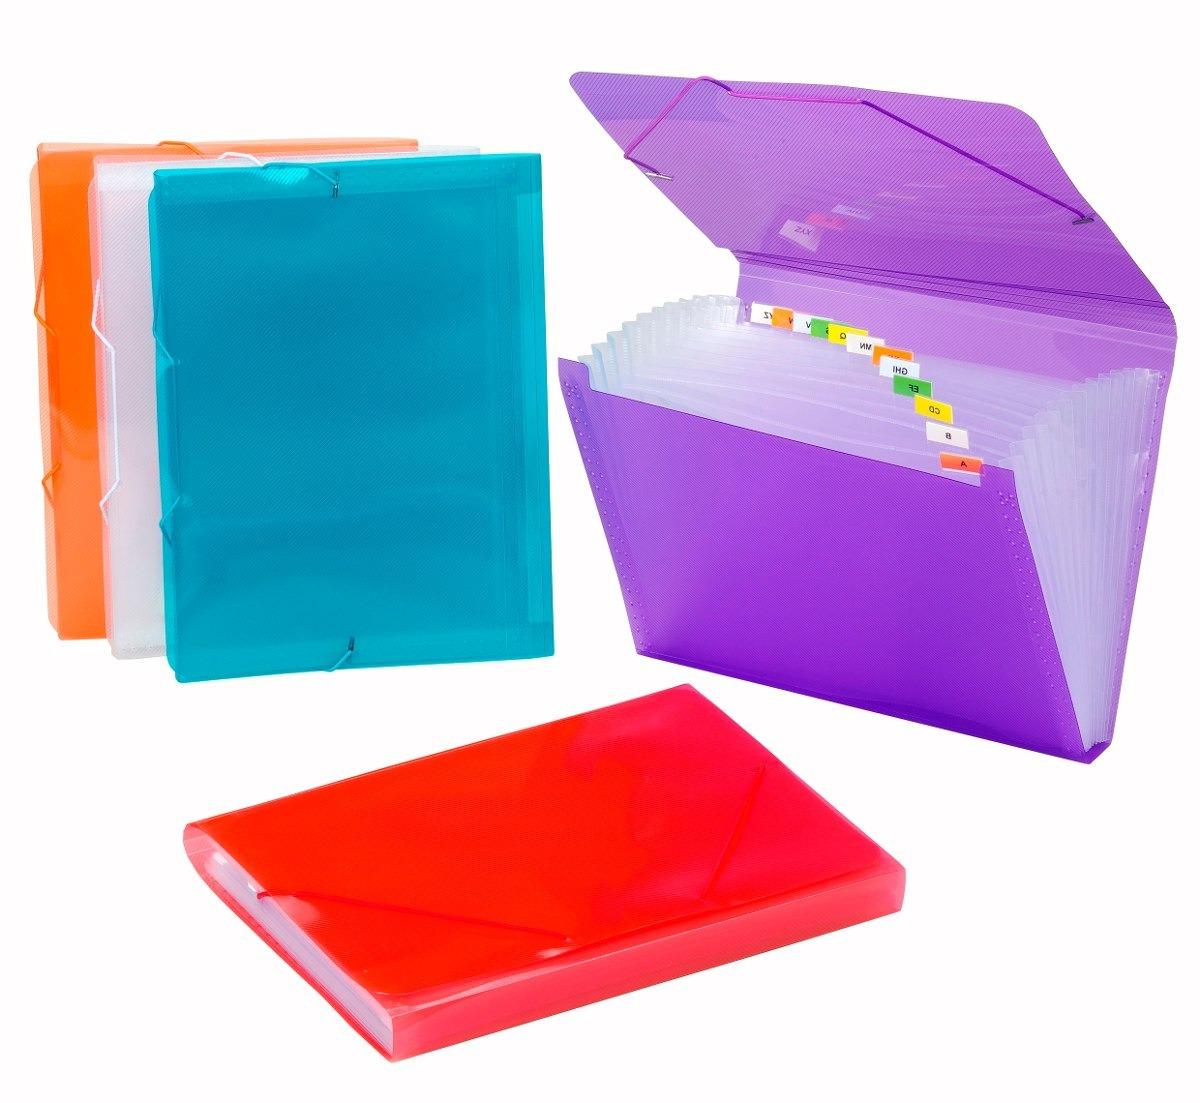 Archivador Plastico 4pde Archivador Plastico Grupo Jm Bs 0 15 En Mercado Libre